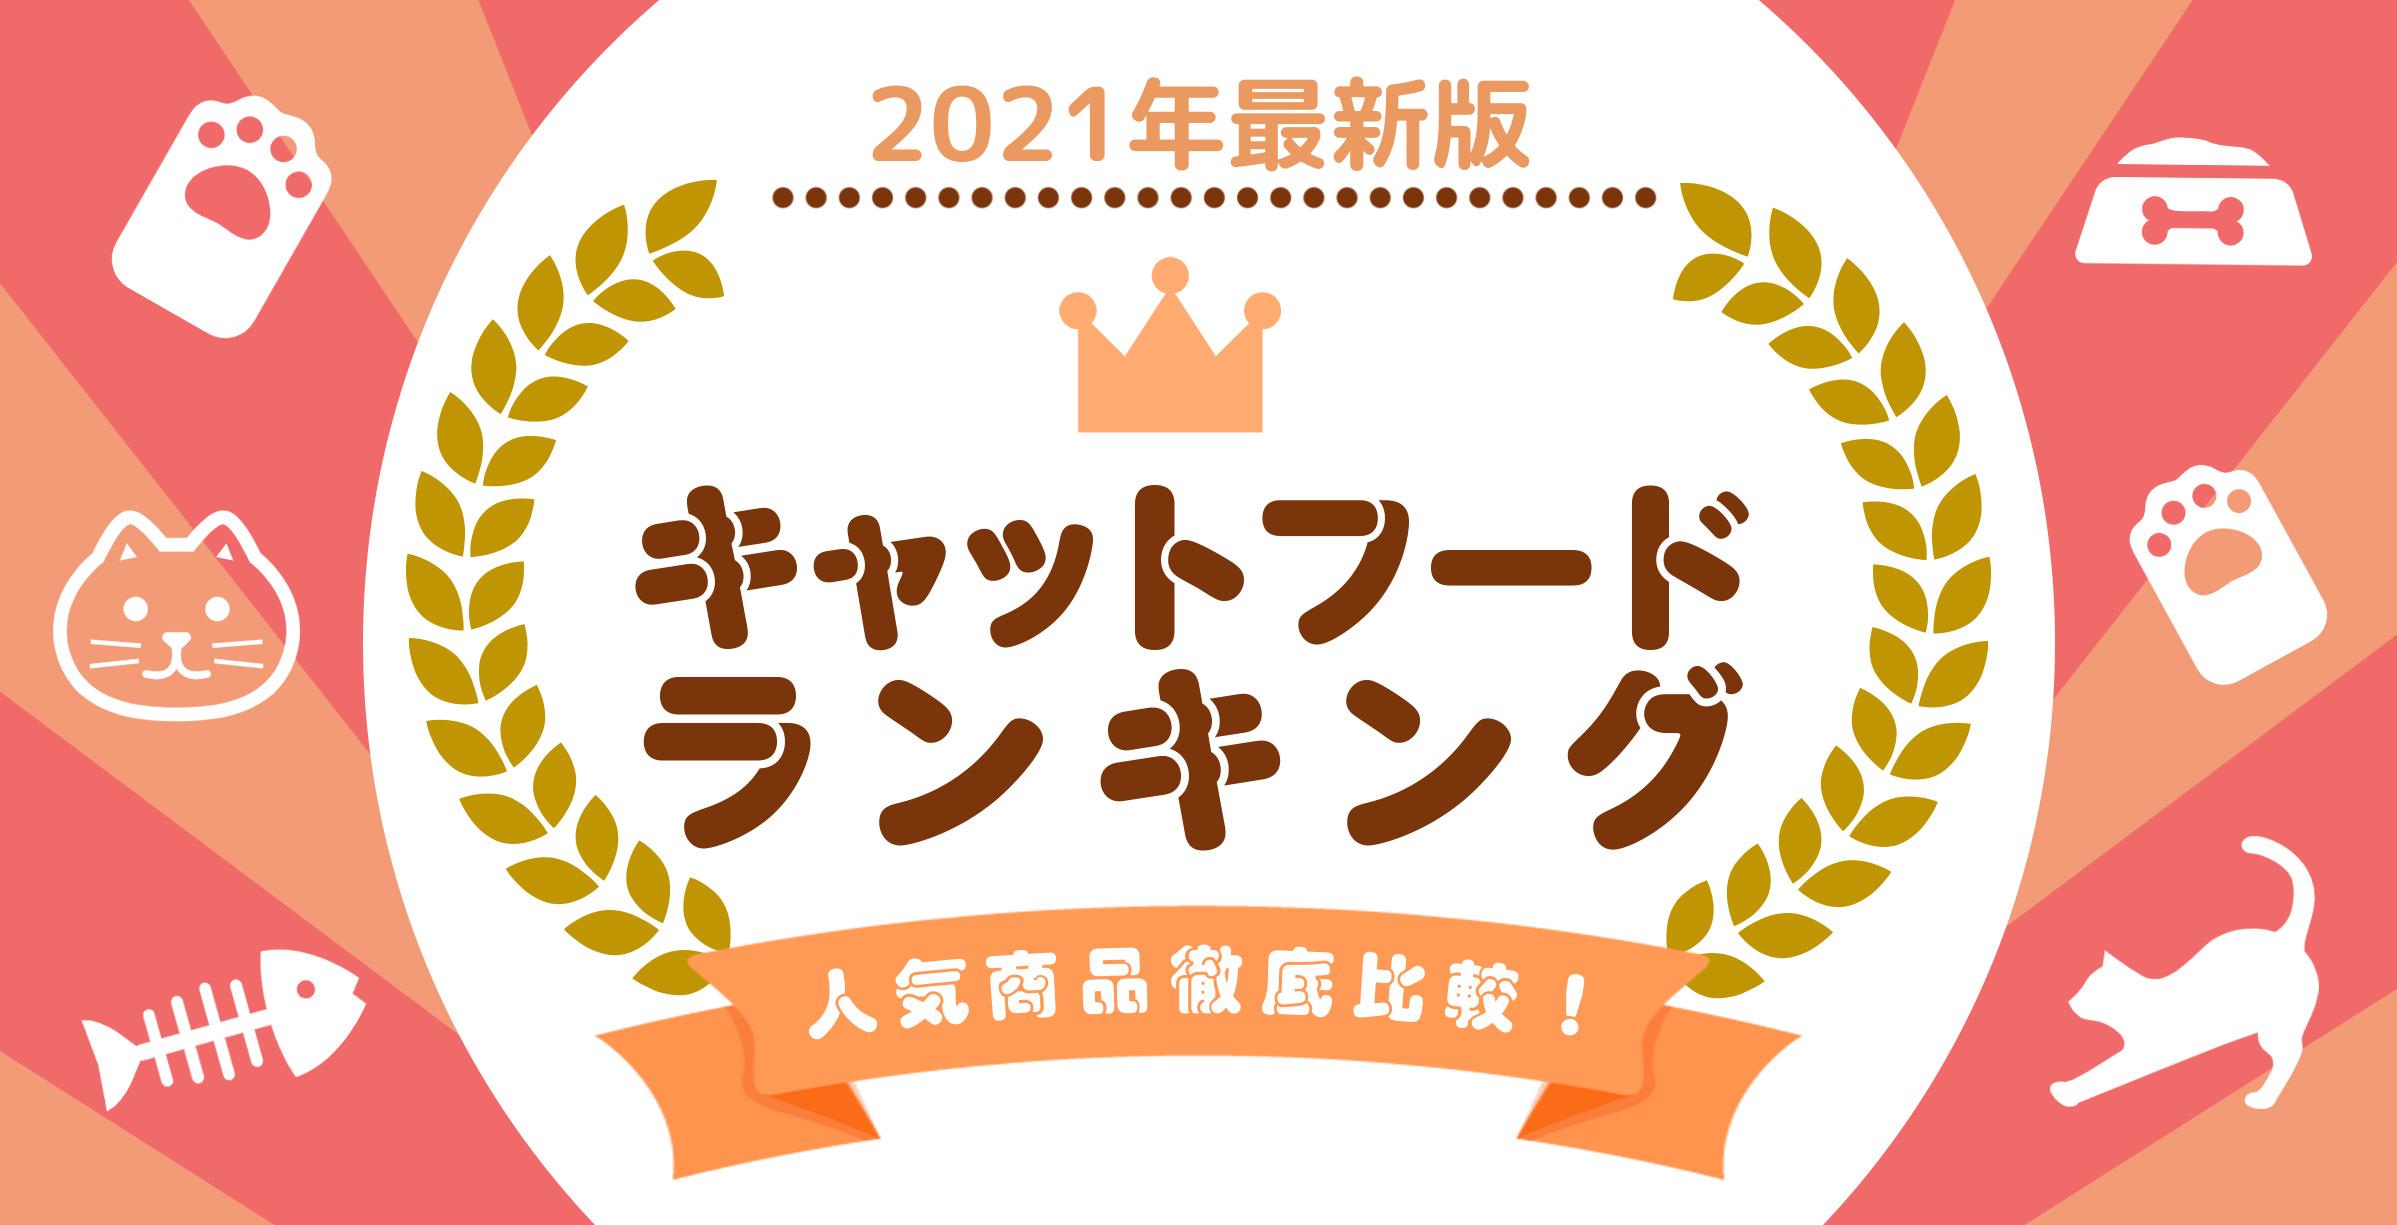 【キャットフードランキング】2021年最新版 人気商品5選を比較!